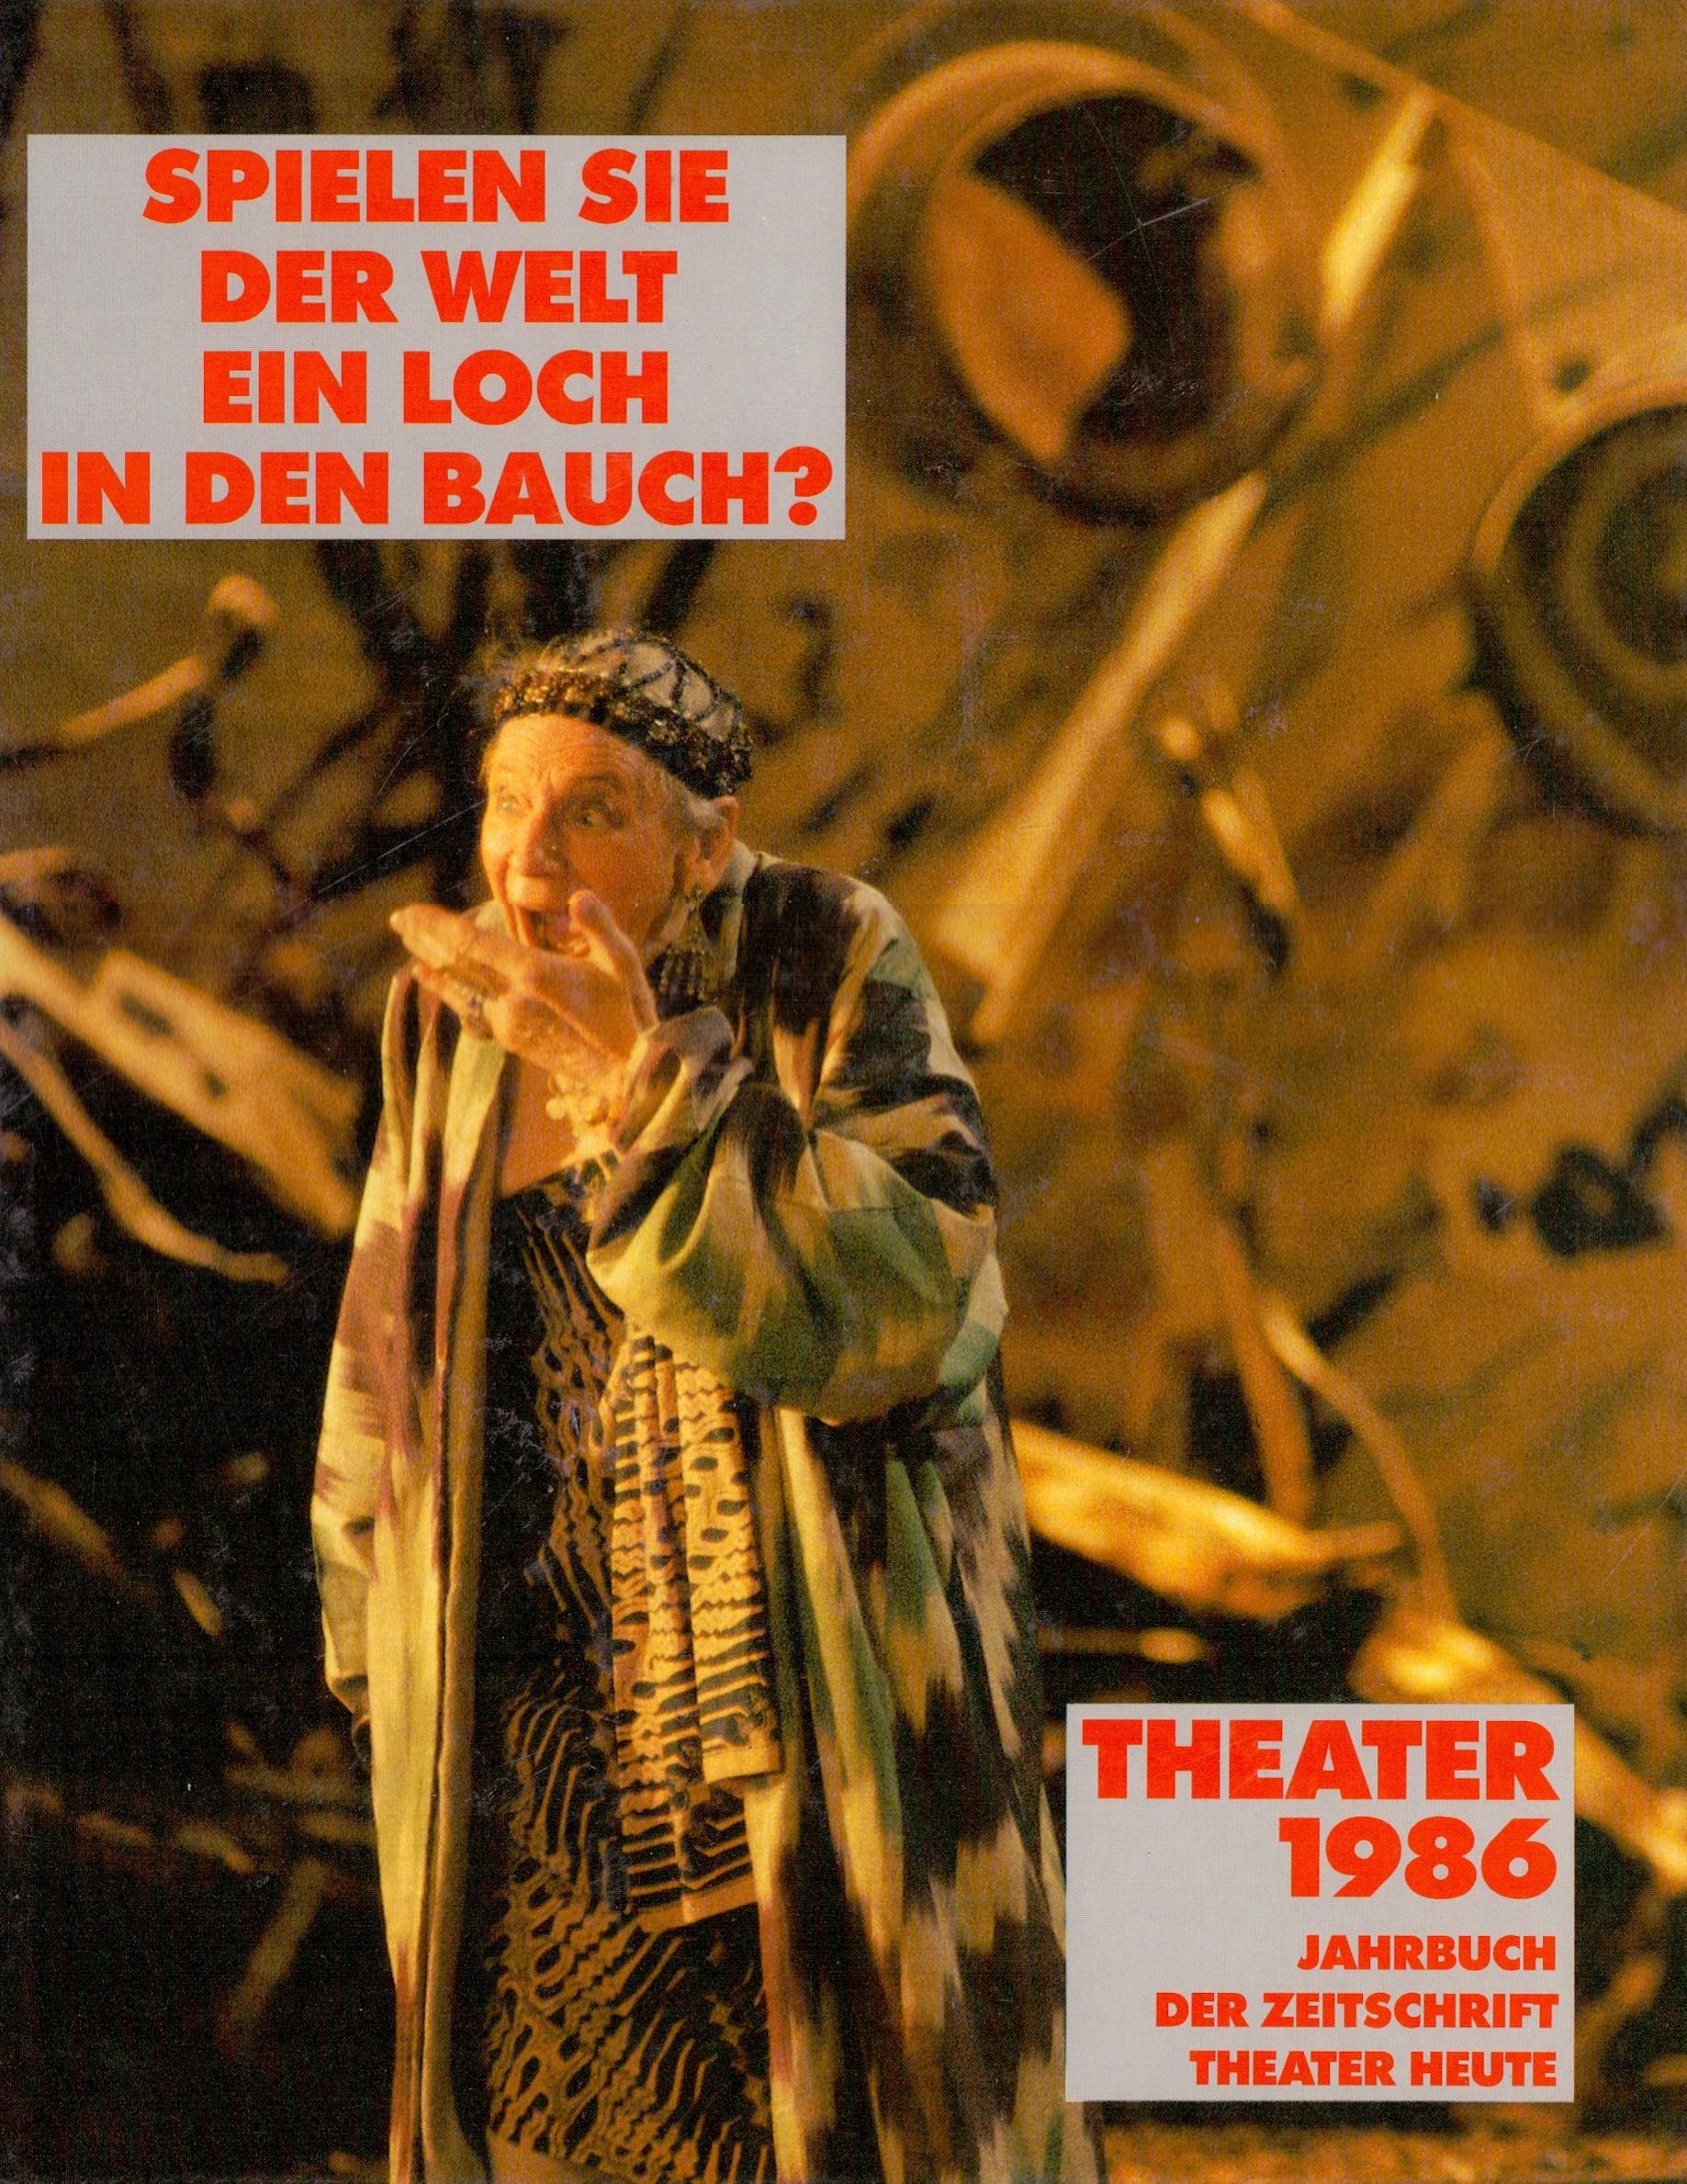 Jahrbuch der Zeitschrift - Theater heute: Theat...